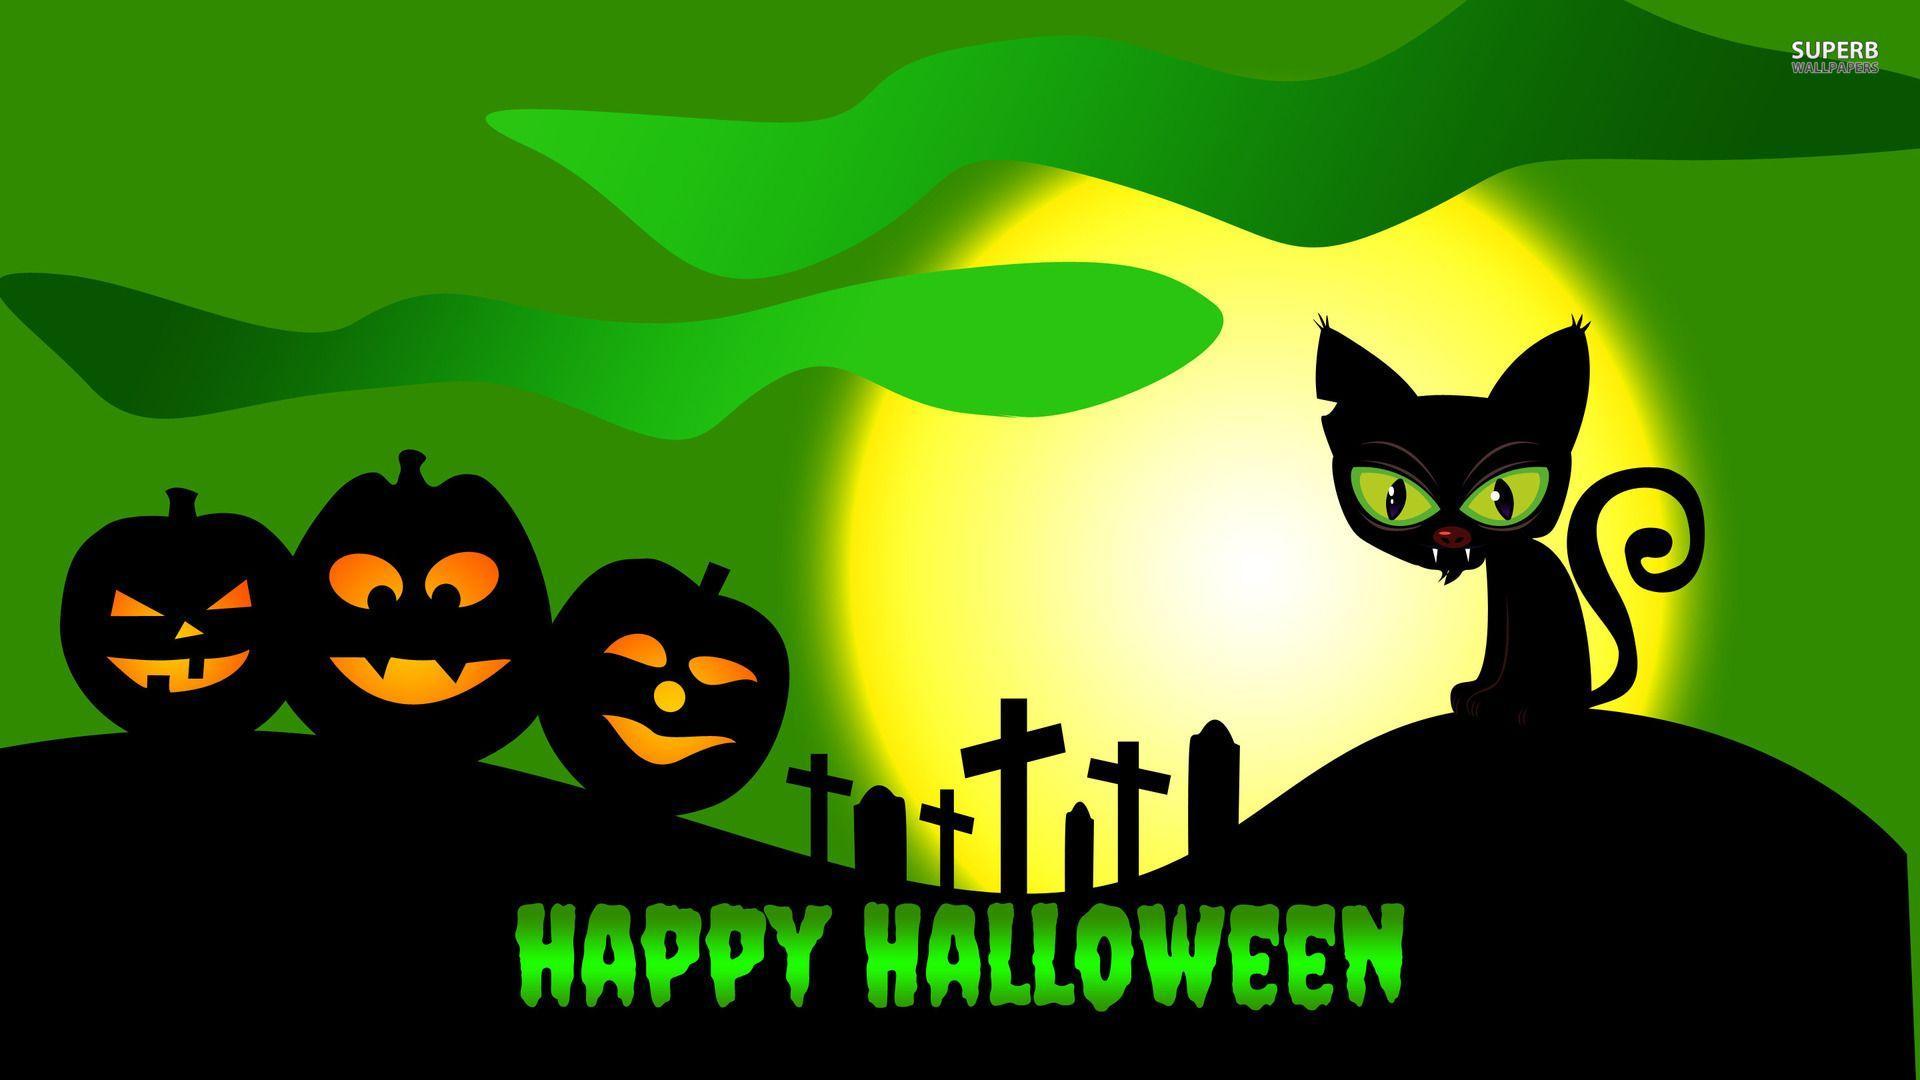 Happy Halloween Wallpapers - Wallpaper Cave